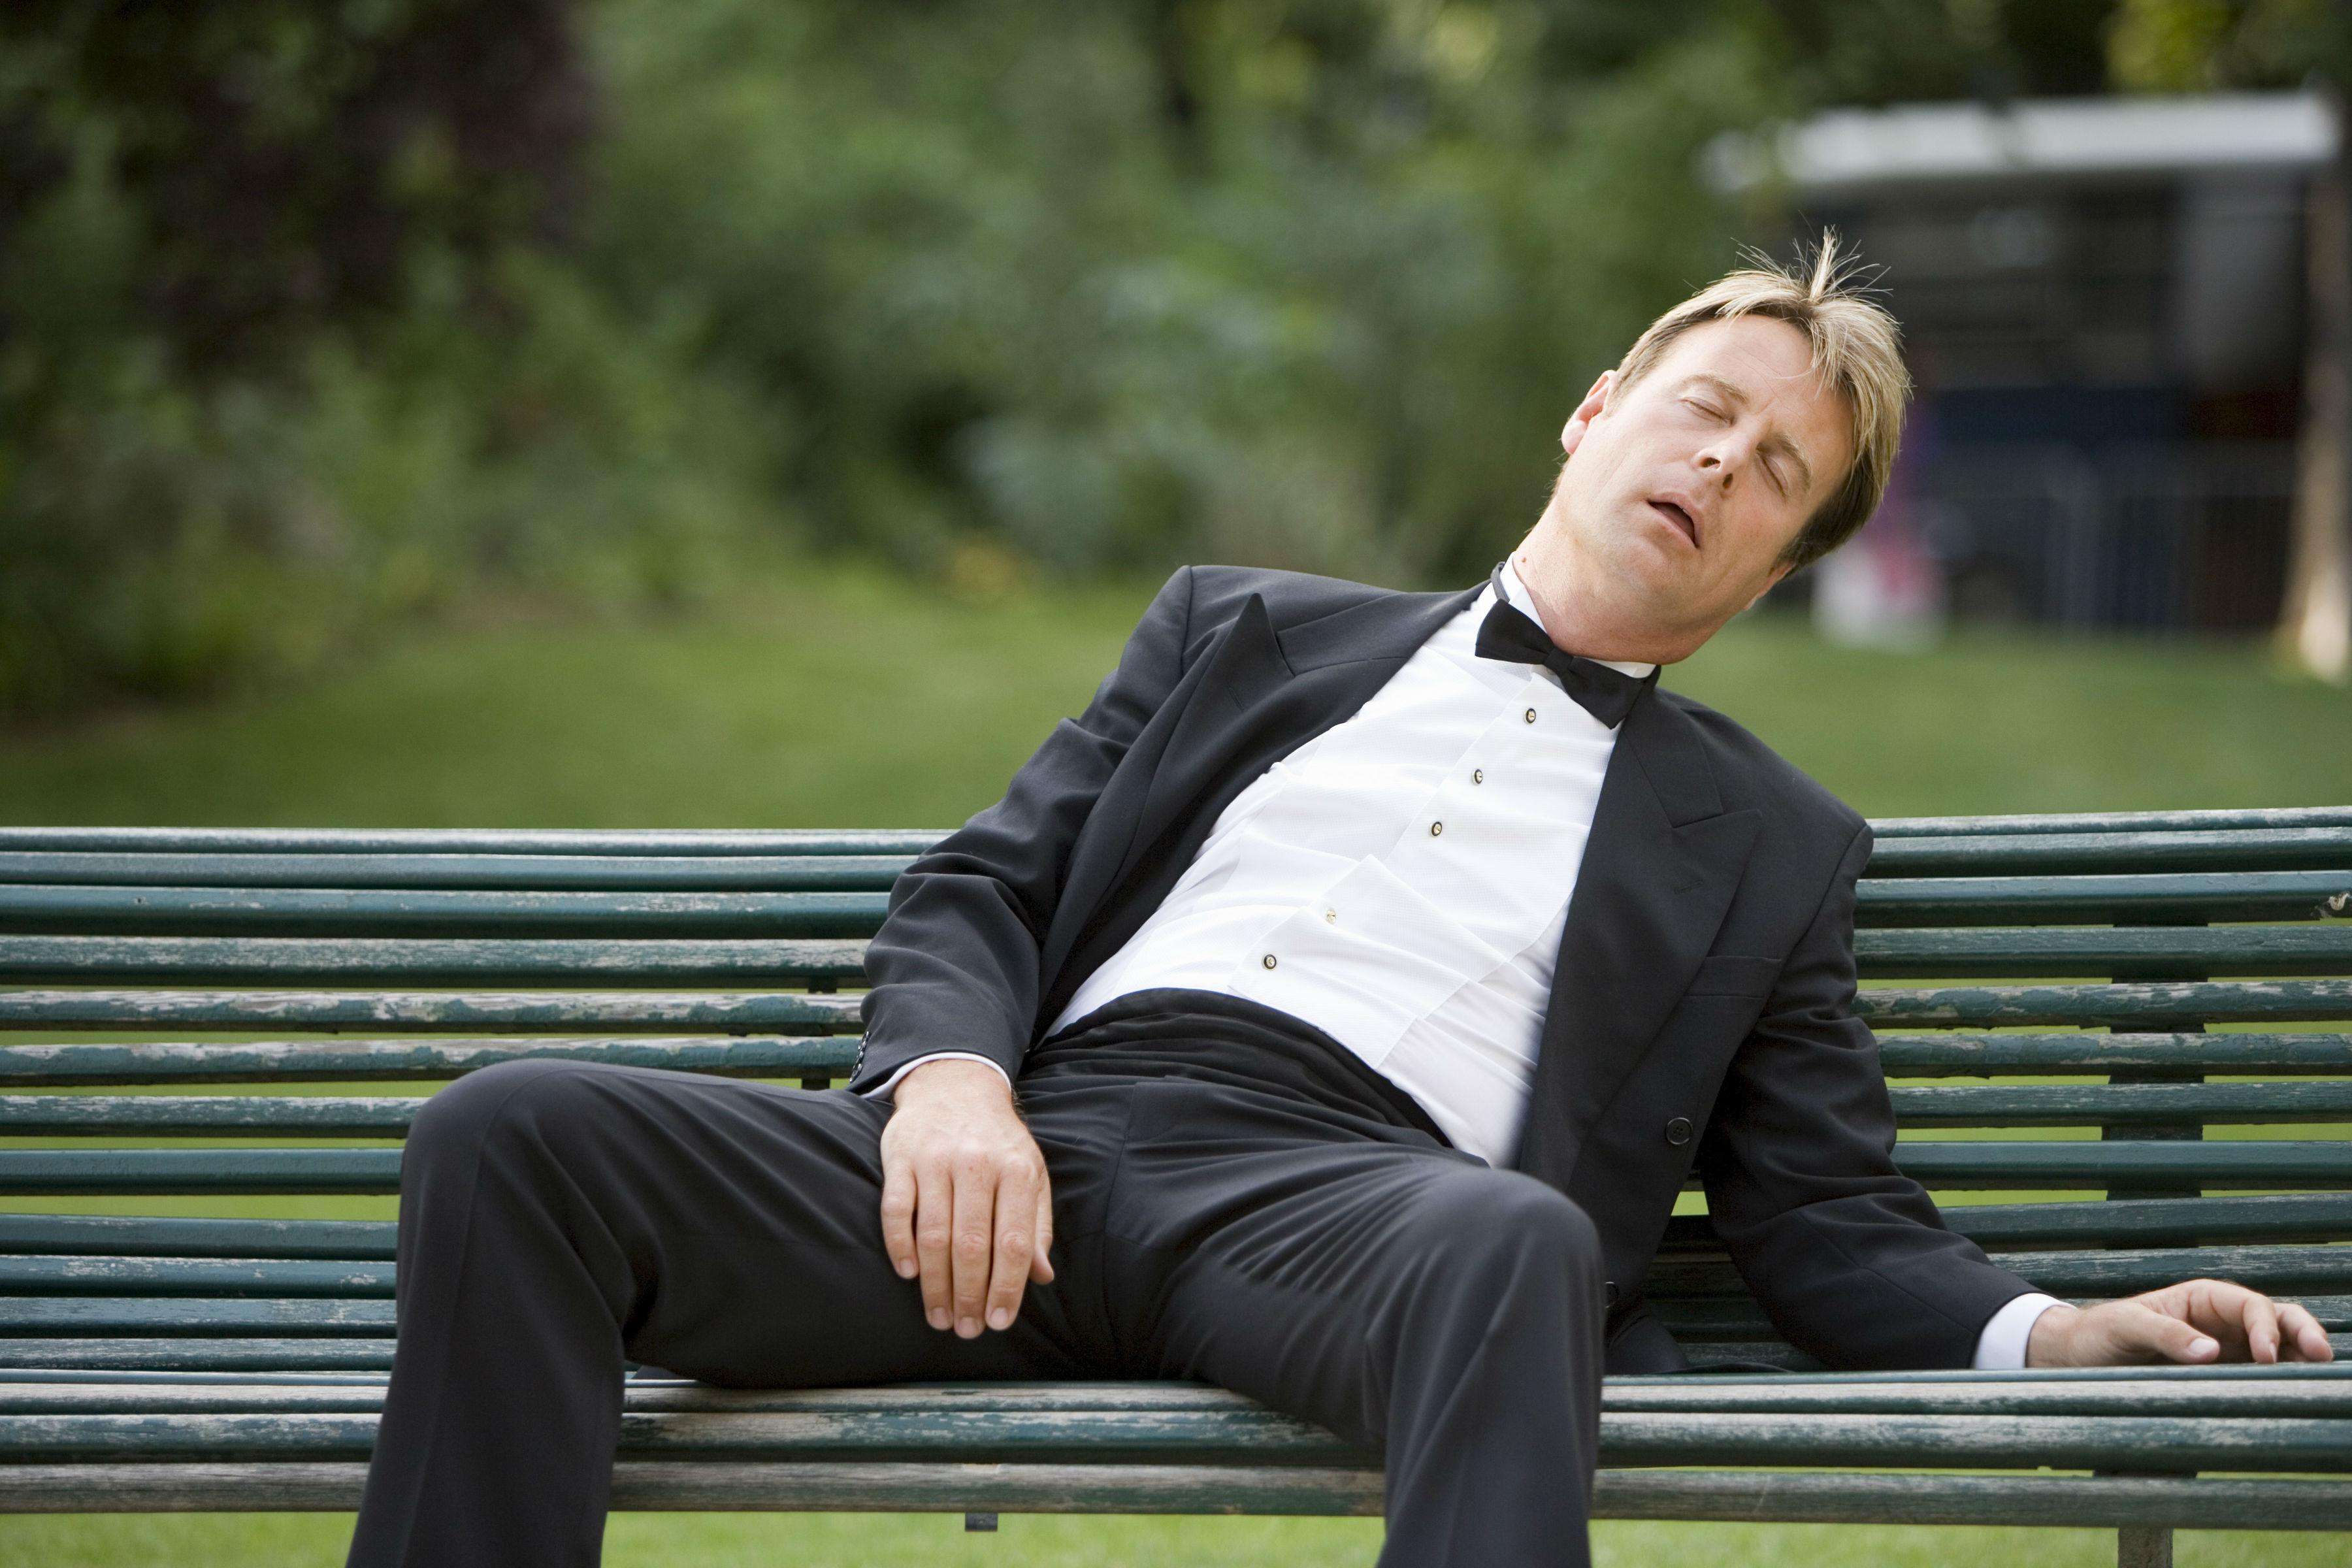 Некоторые эксперты предлагают бороться с сонливостью посреди рабочего дня более гуманным способом. А именно - немного поспать.